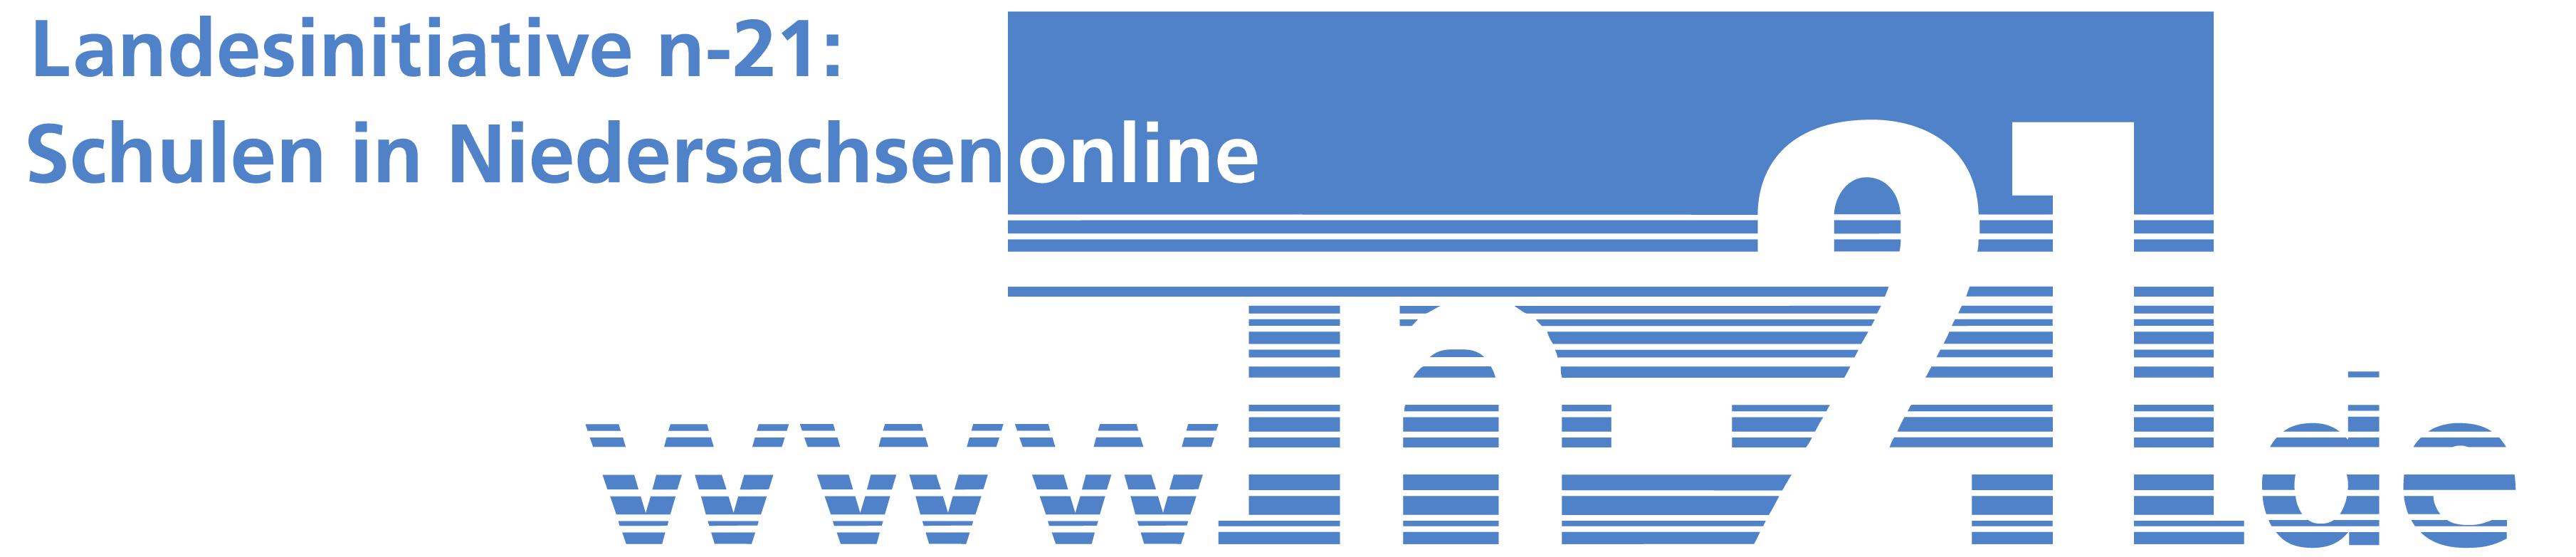 Schulfirewall.de • Octogate • Wlan Schule Komplettlösung • n-21